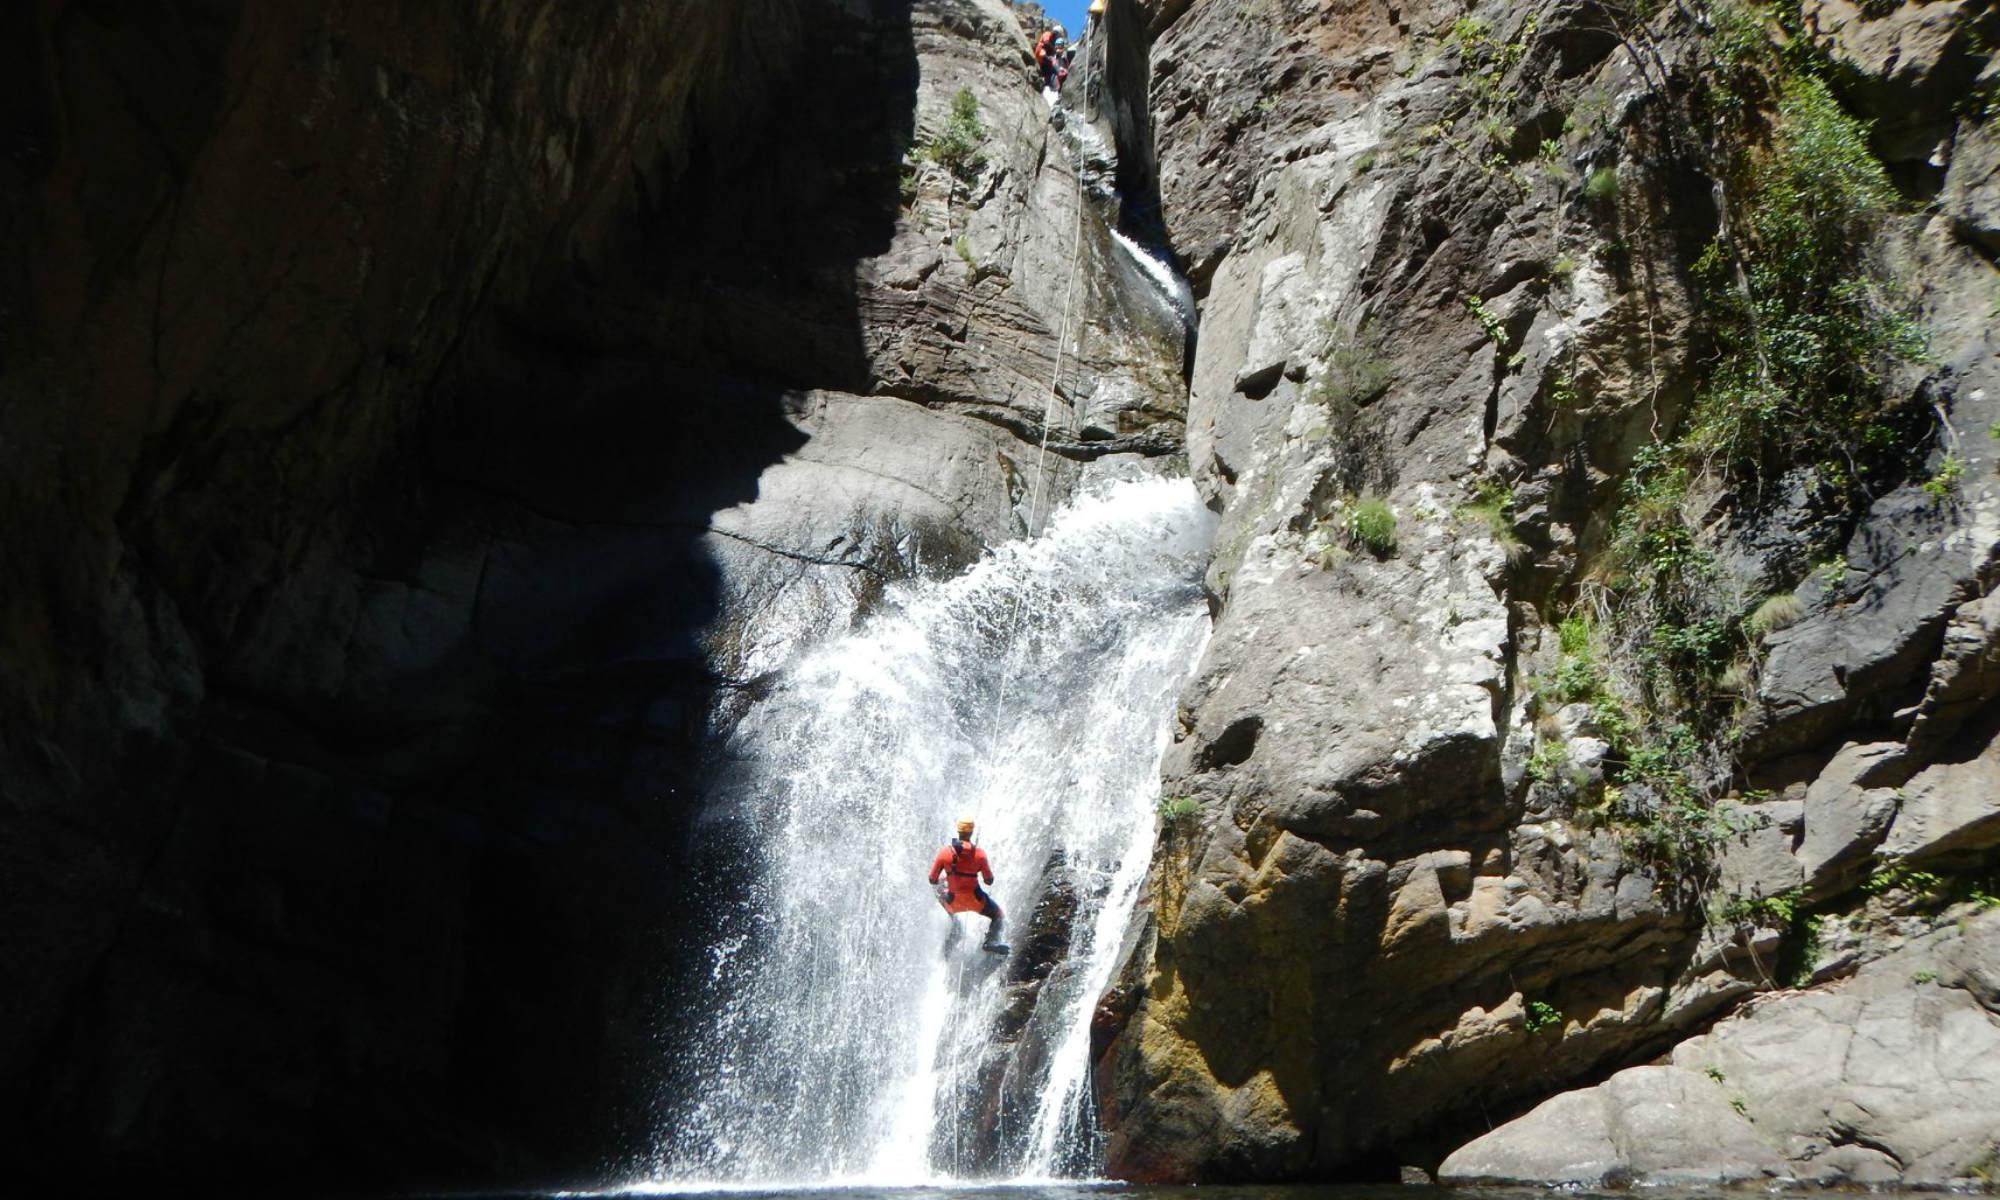 Un canyoniste descend en rappel le long d'une cascade.